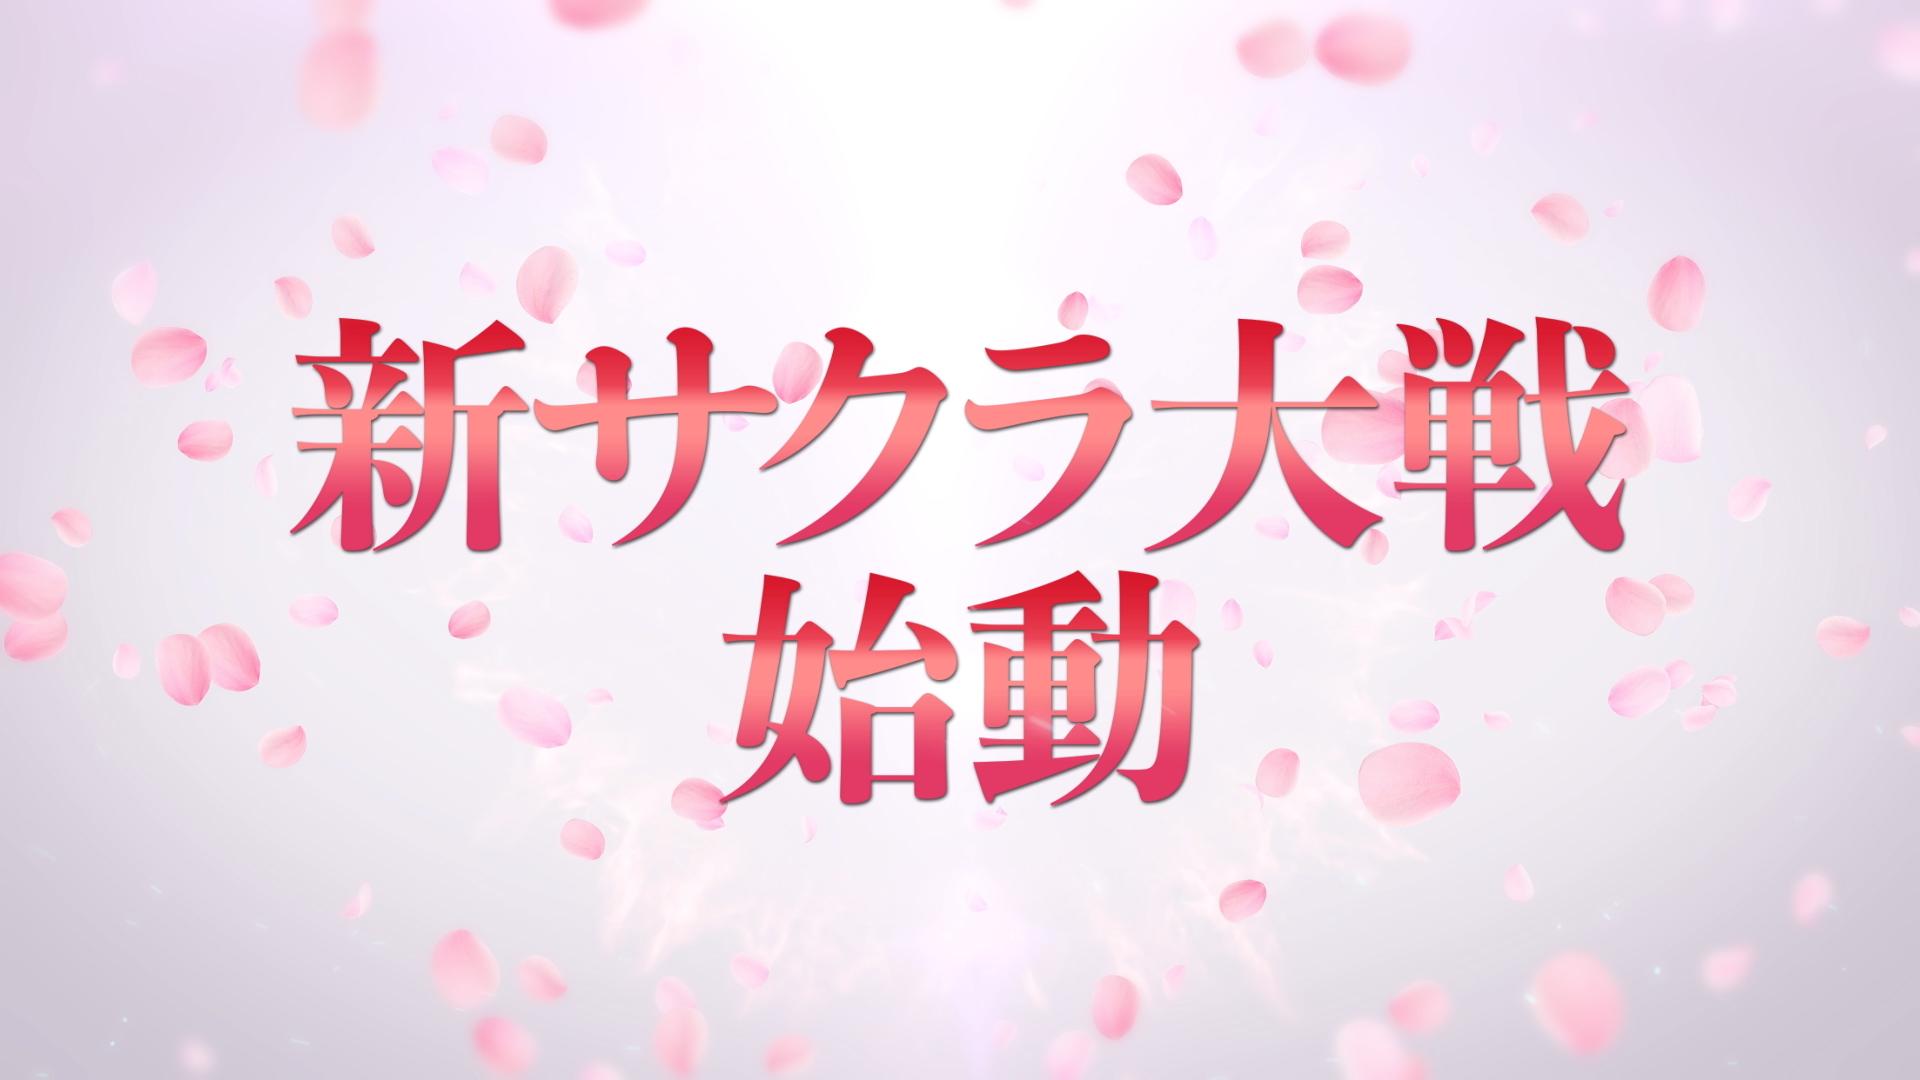 新樱花大战